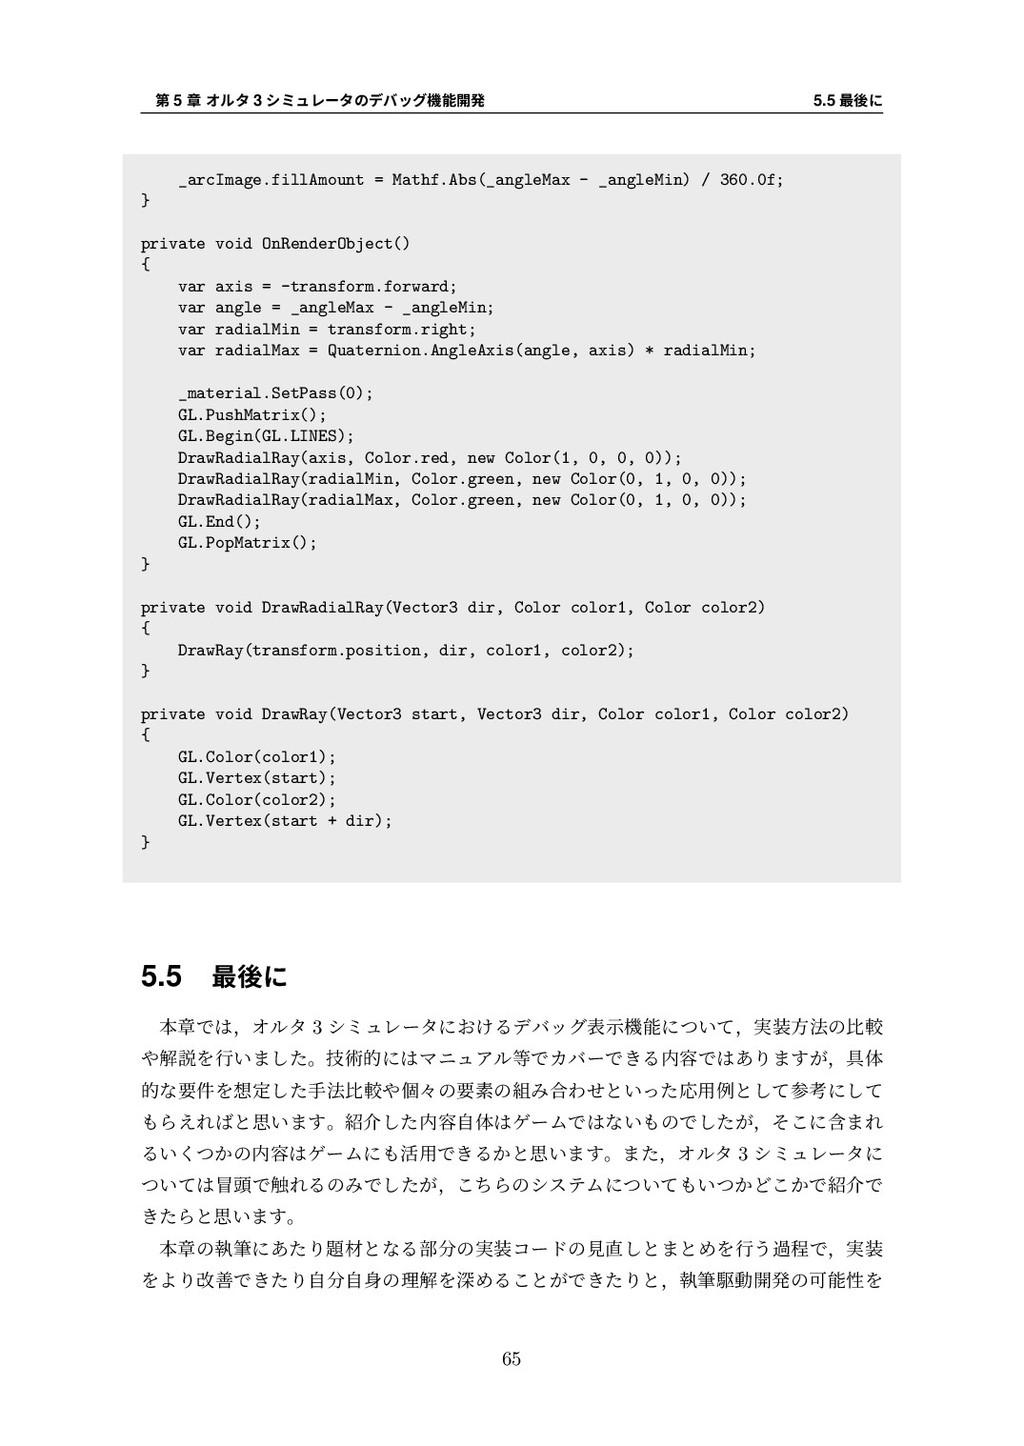 第 5 章 オルタ 3 シミュレータのデバッグ機能開発 5.5 最後に _arcImage.f...